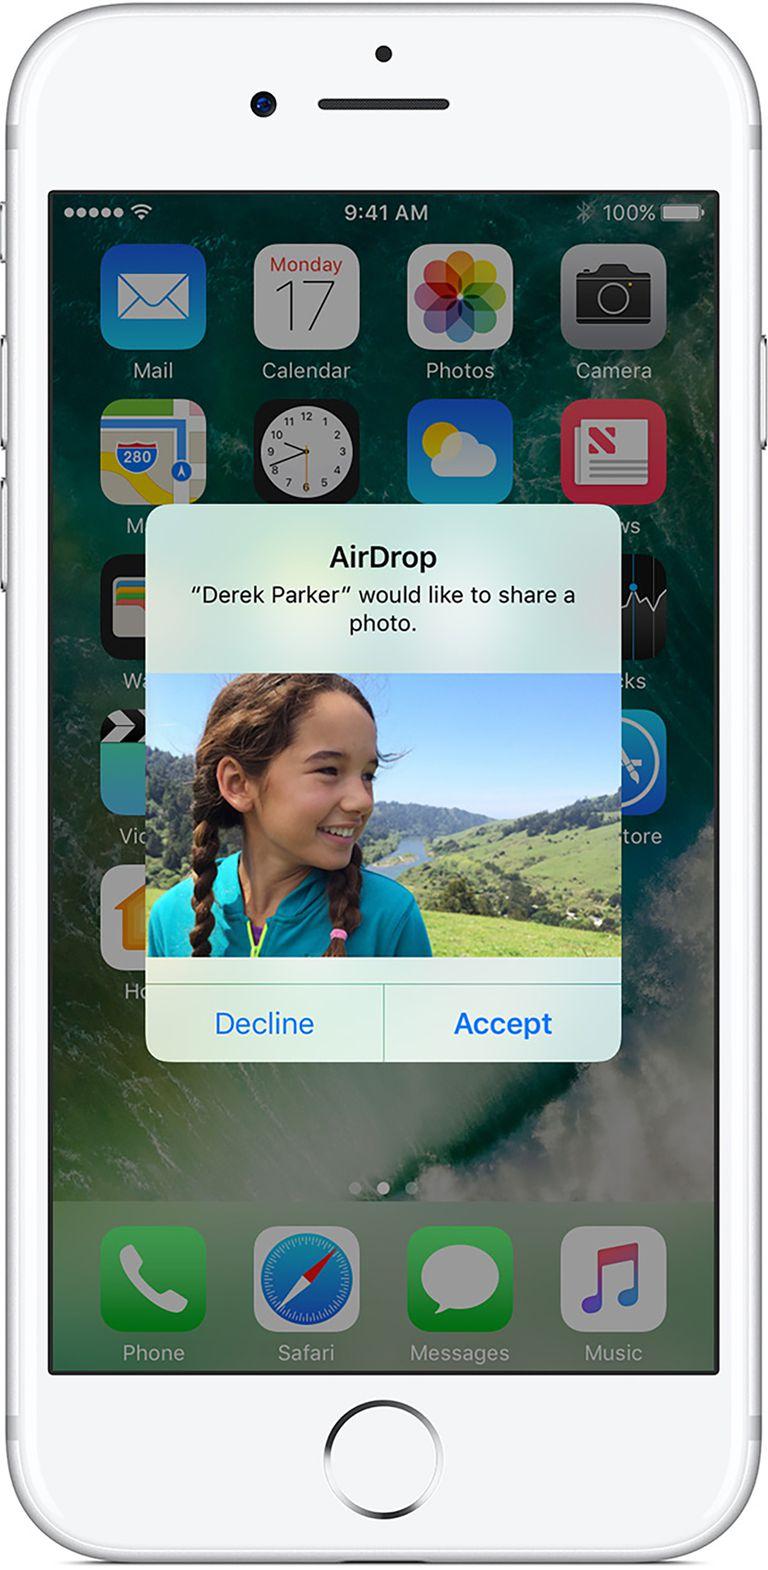 menggunakan airdrop pada iPhone, langkah 4